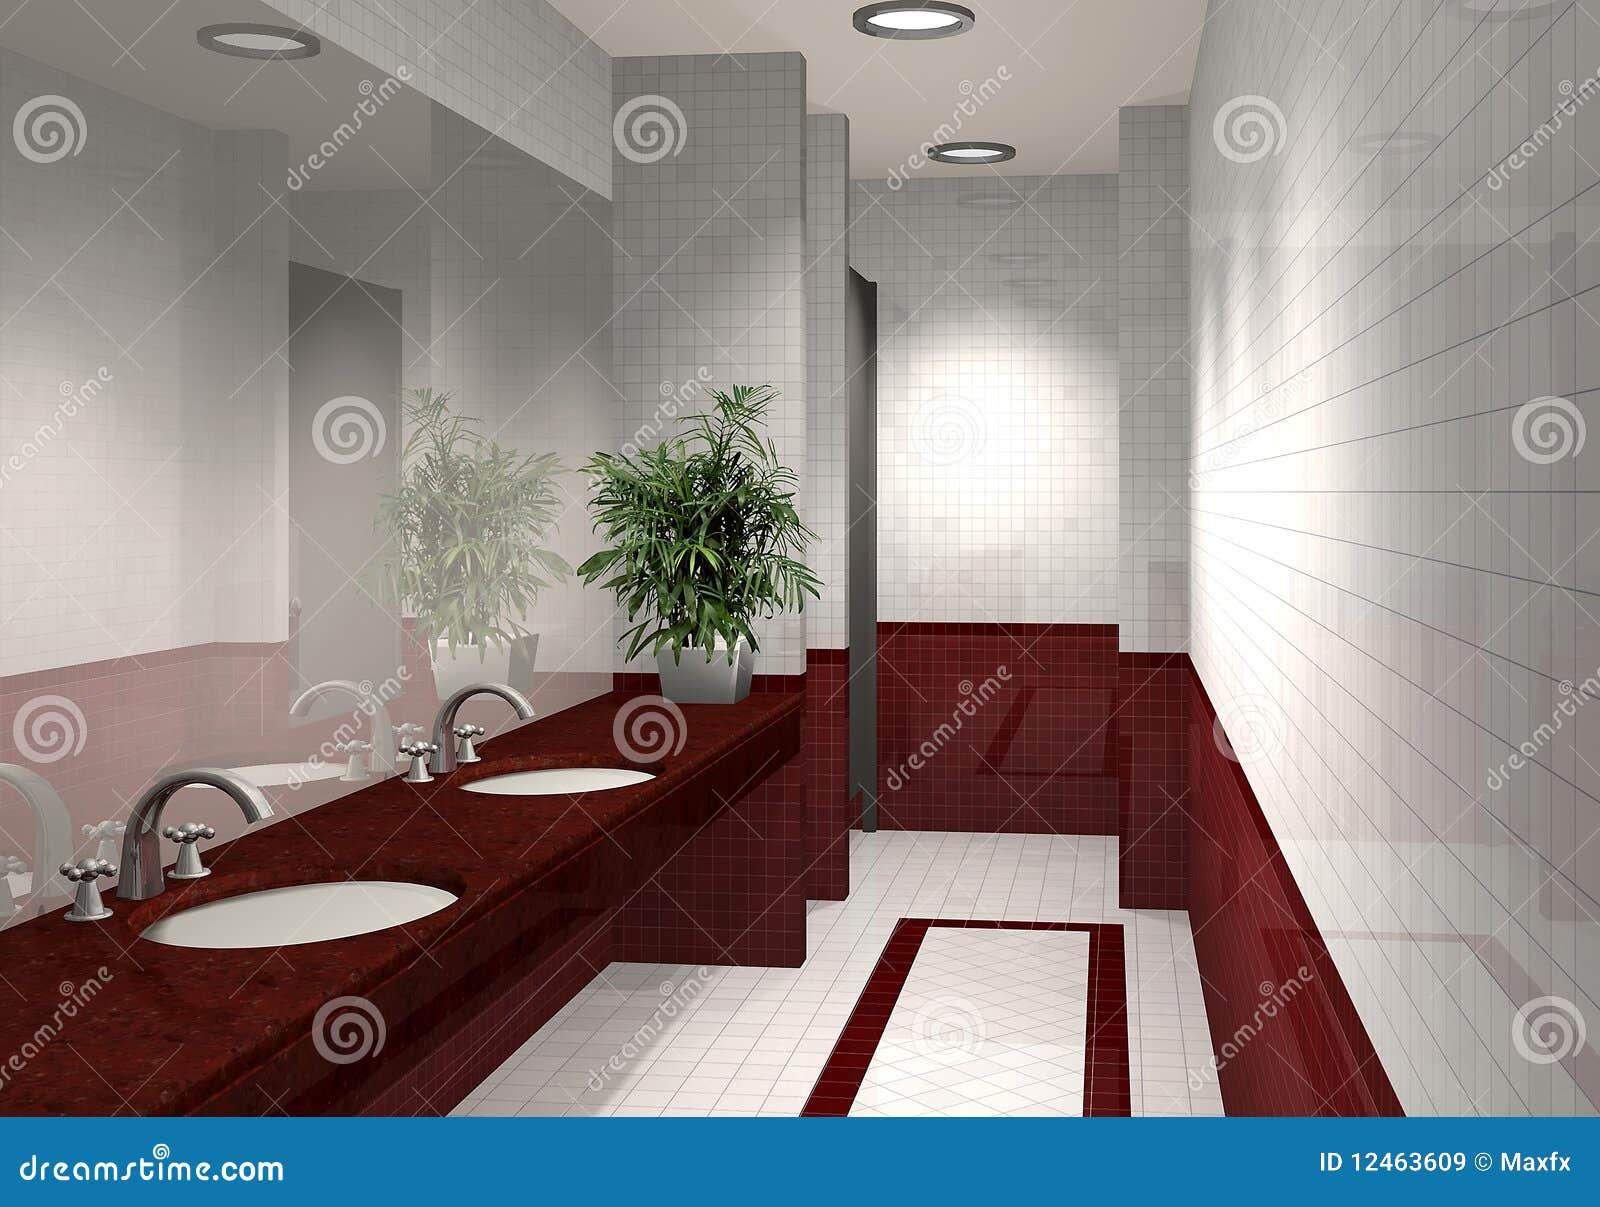 Download Modernes Badezimmer 3D Stock Abbildung. Illustration Von Spiegel    12463609